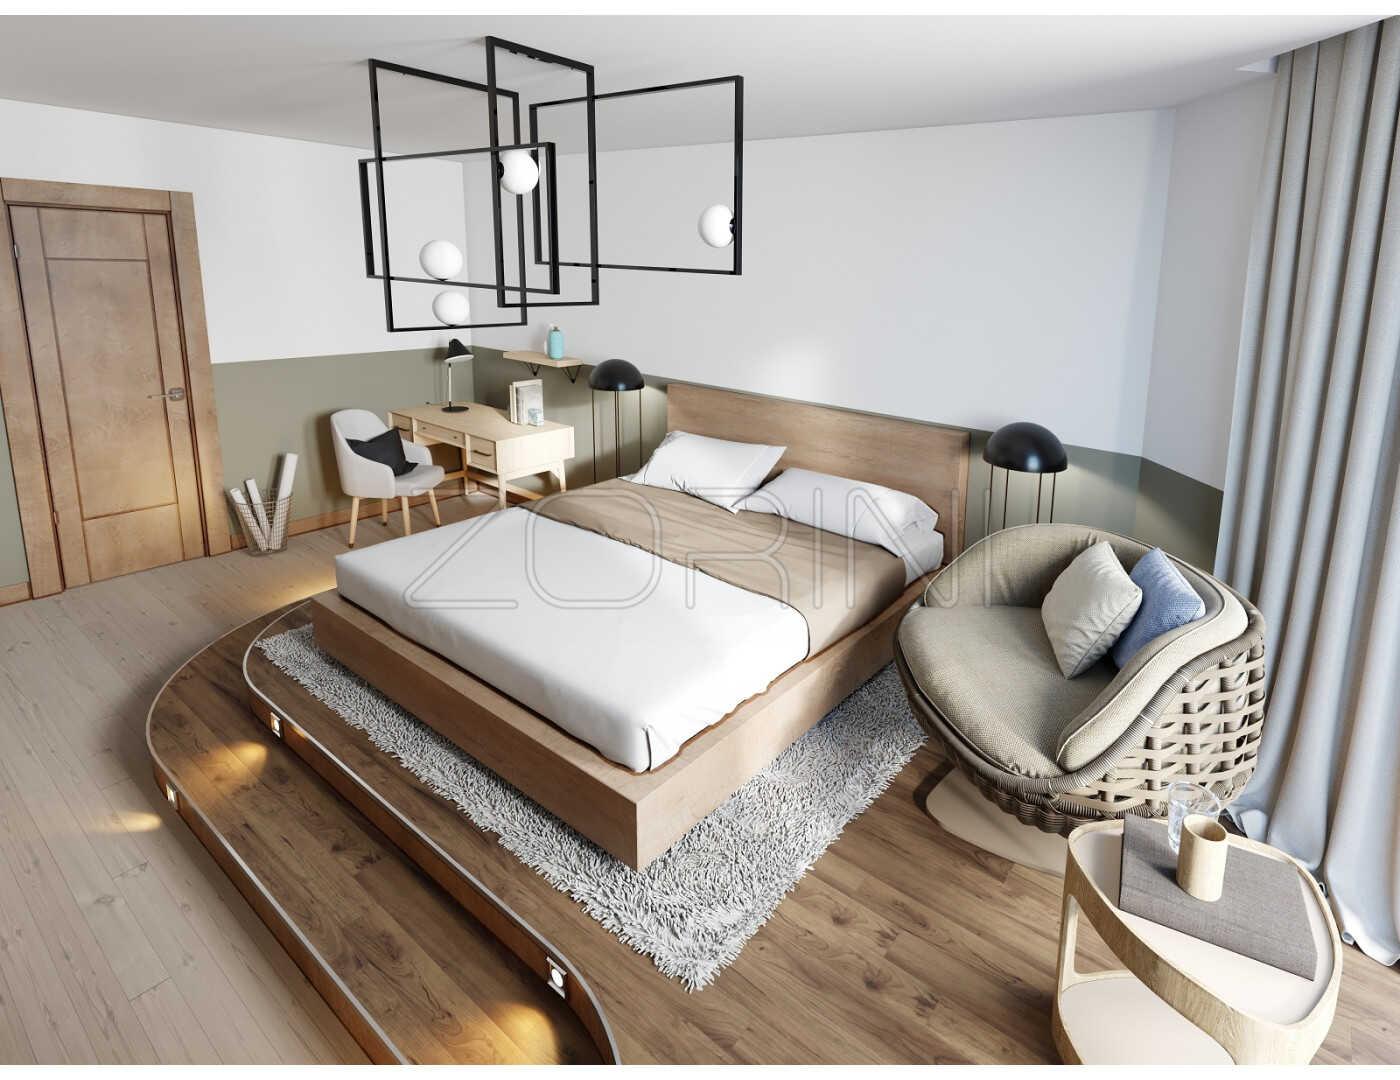 Спальня Амазон в скандинавском стиле  - фото